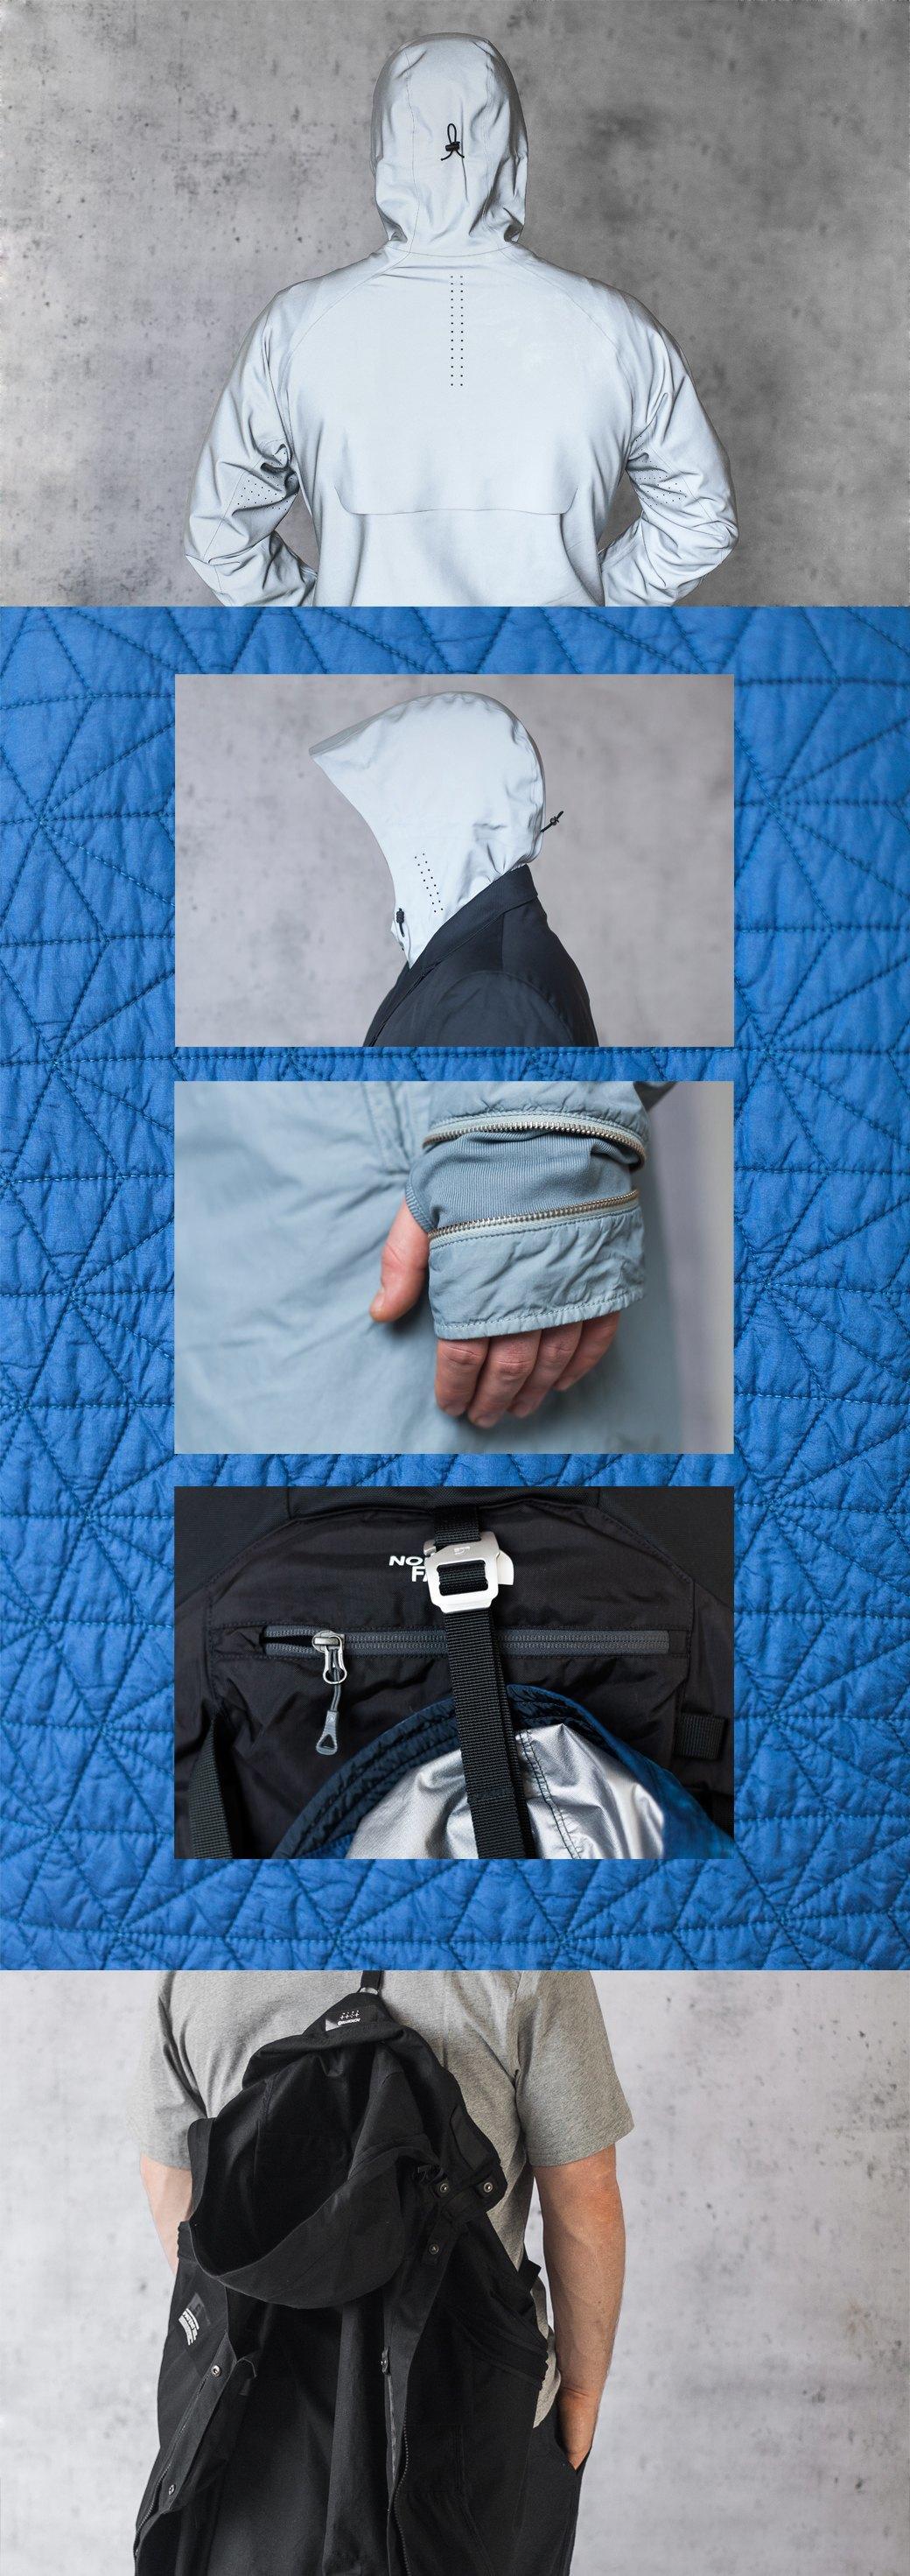 Внимание к деталям: Путеводитель по элементам технологичной одежды. Изображение № 1.